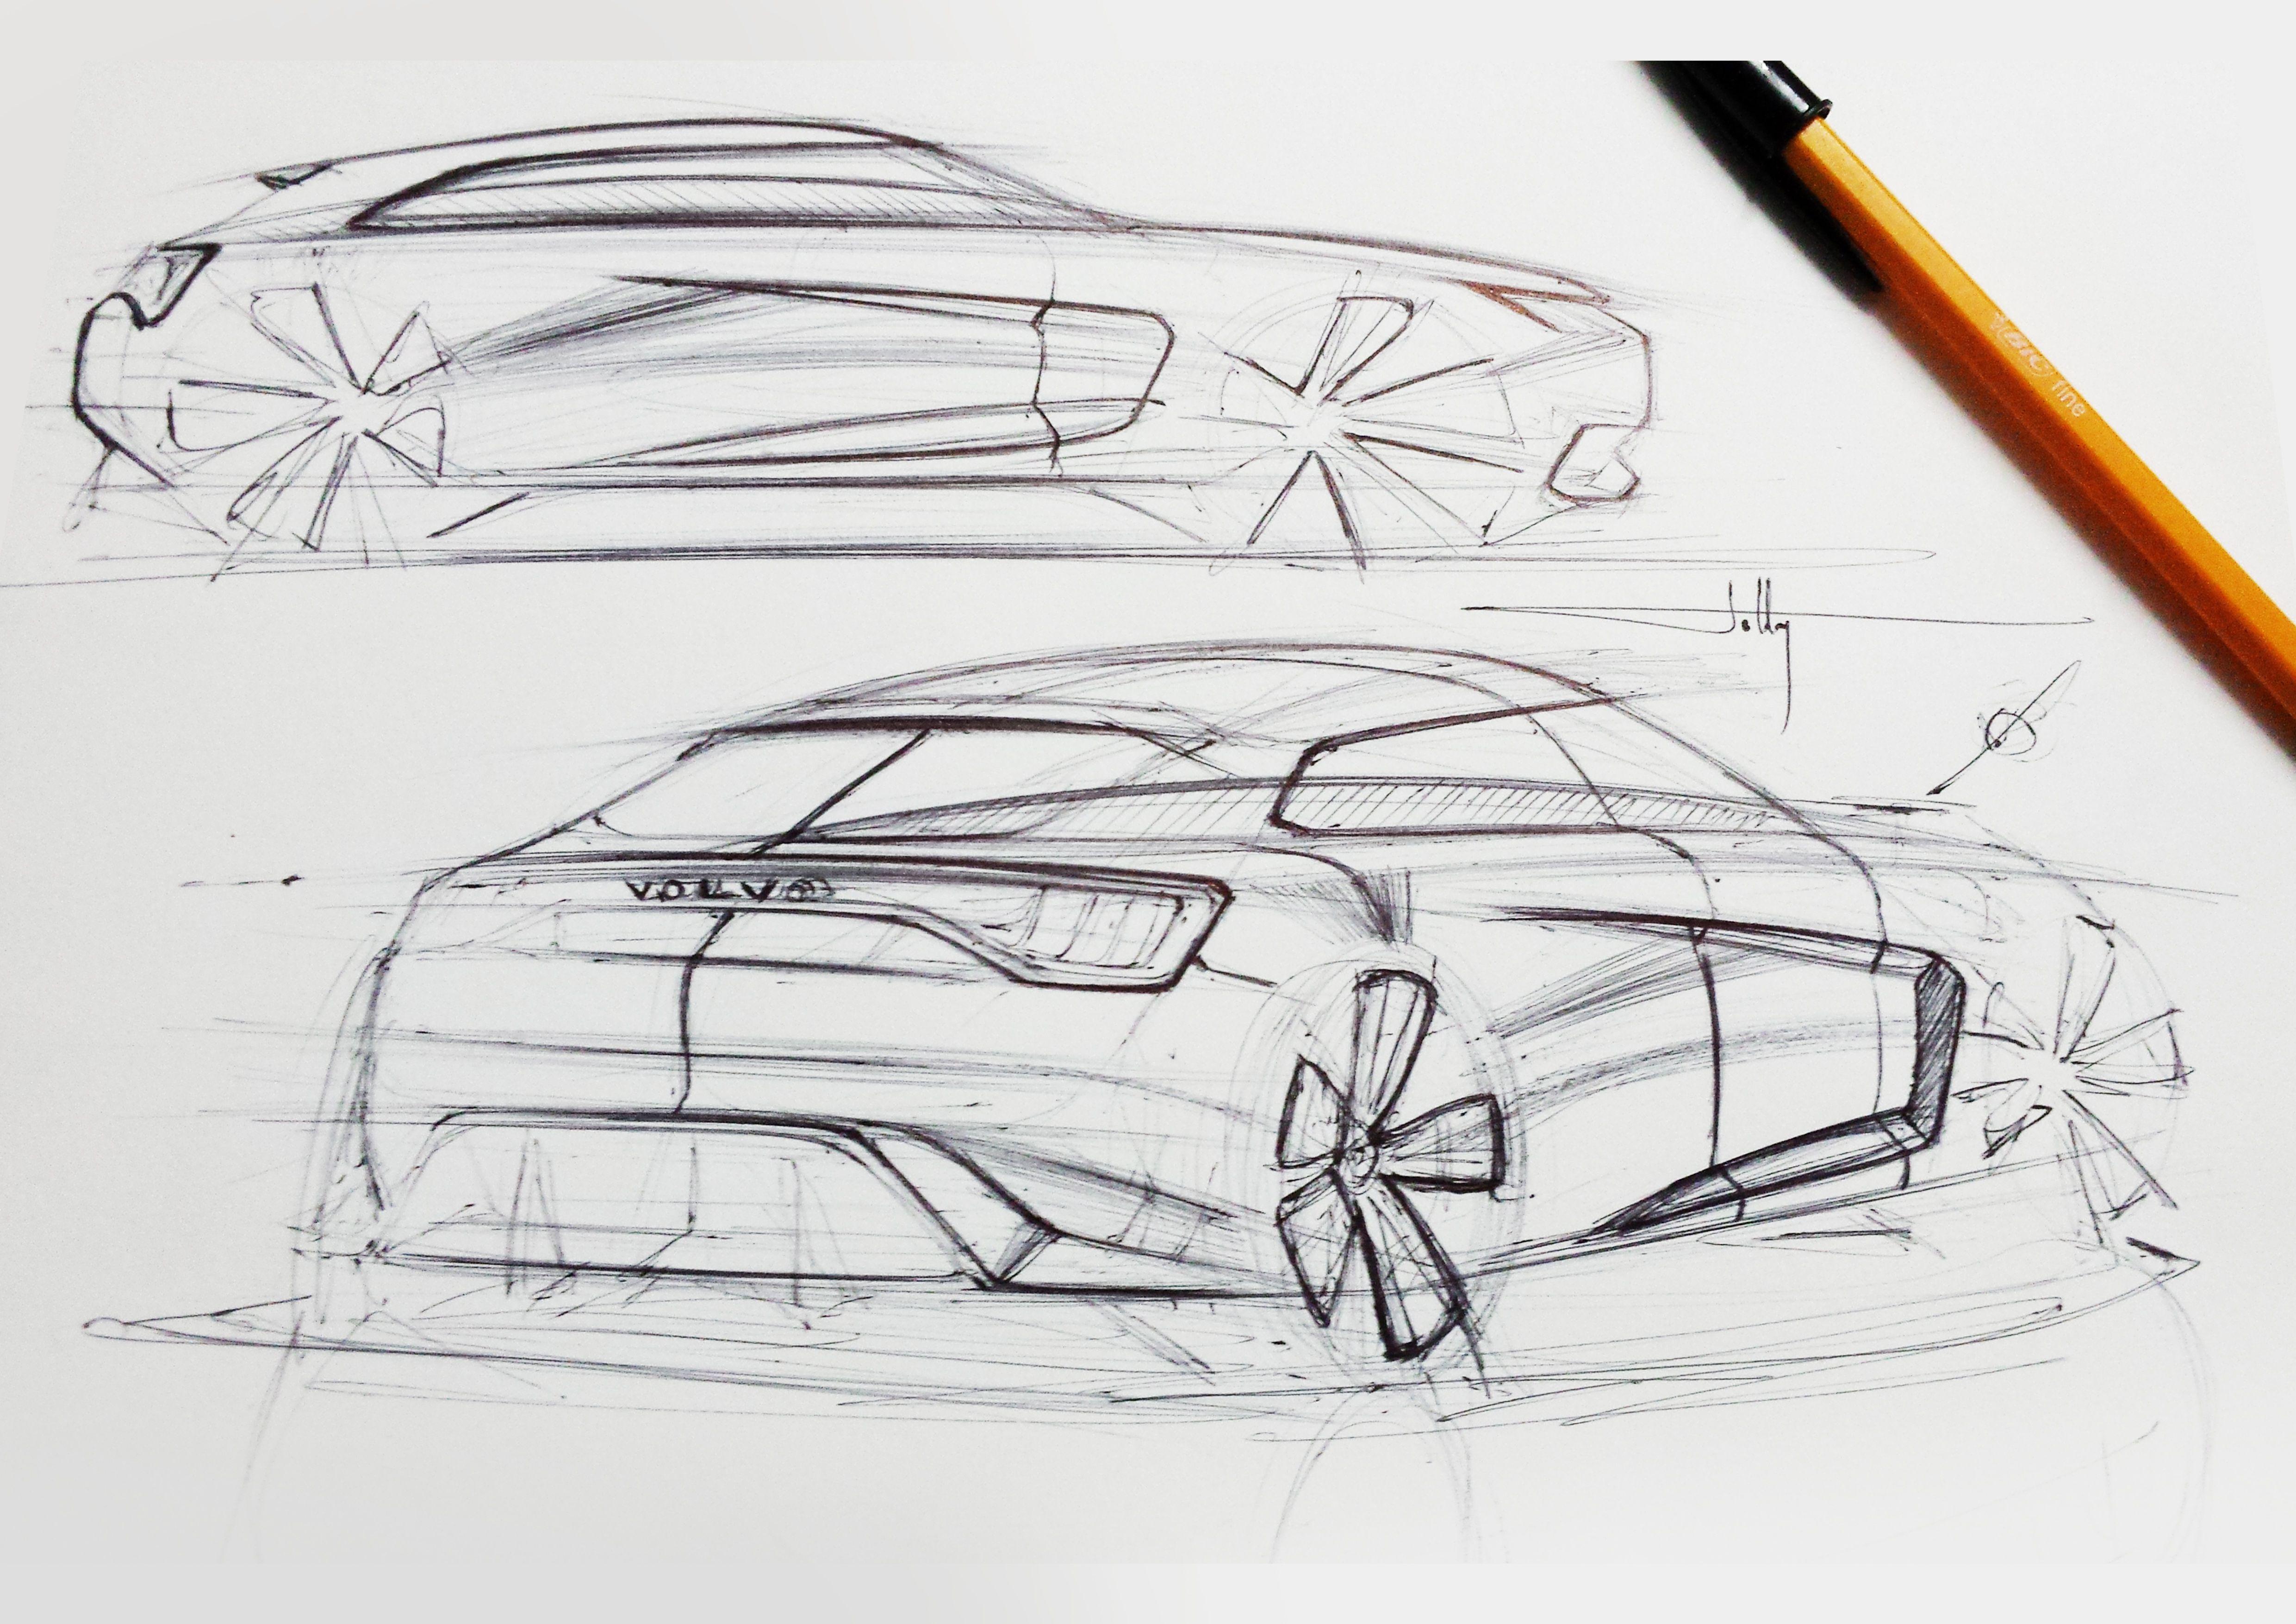 Volvo Quick Hatchback Sketch